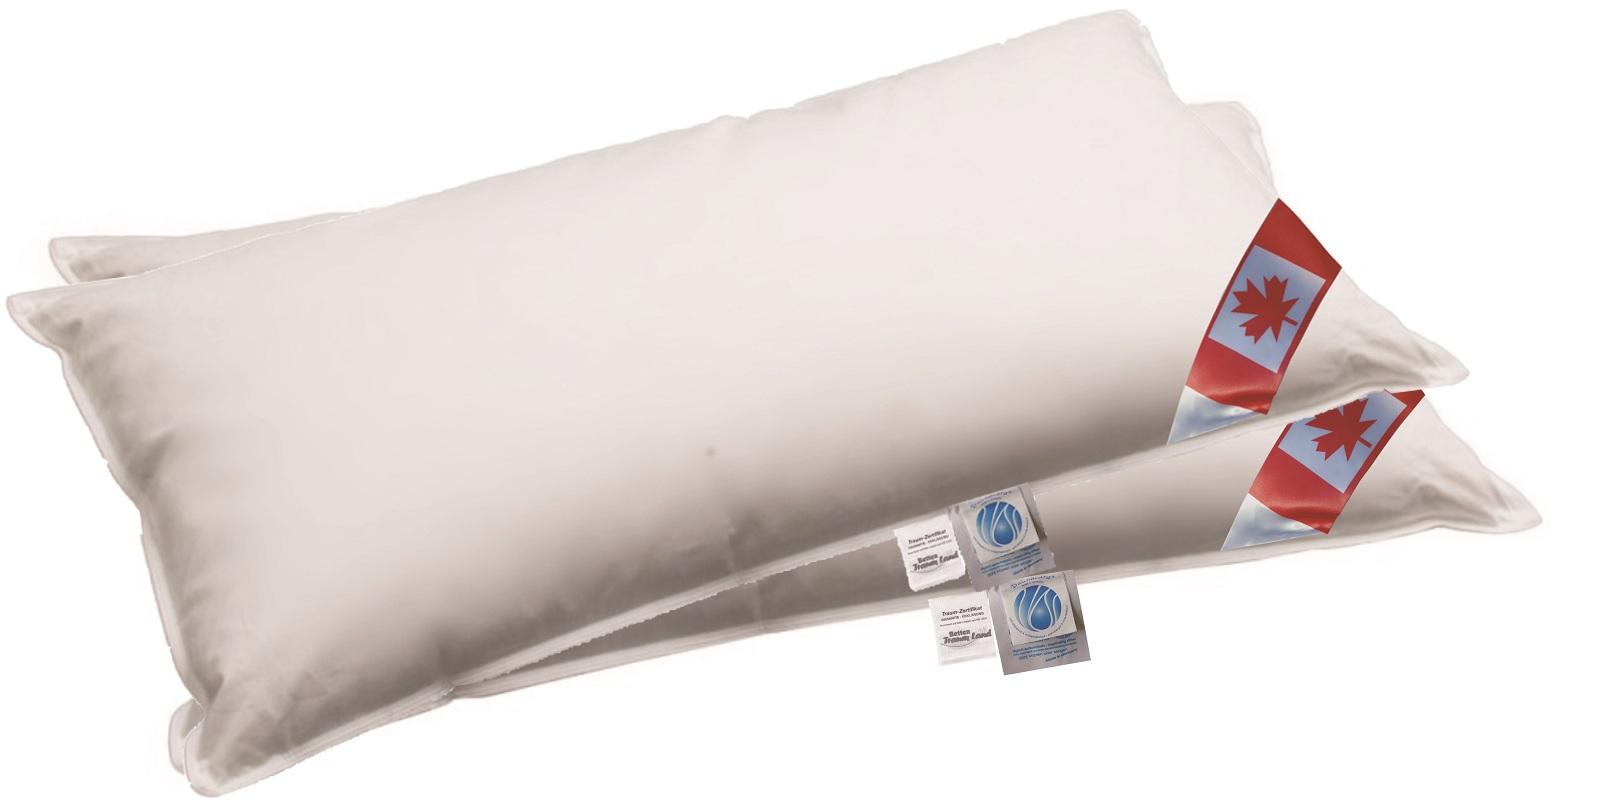 Angebot 2 Premium Air Cell 3-Kammer Kissen Daune Federchen 40x60 cm